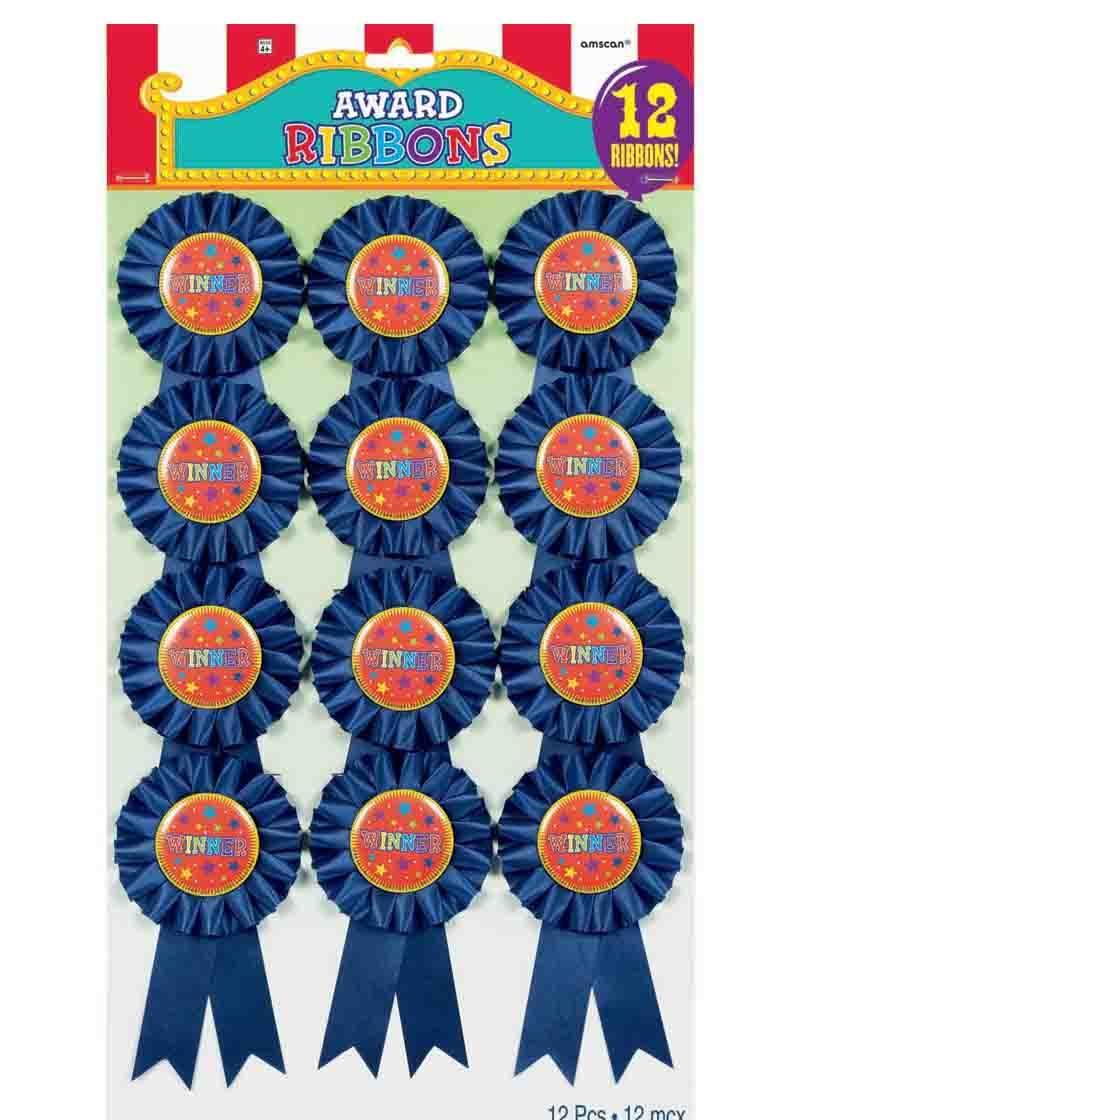 awad ribbons